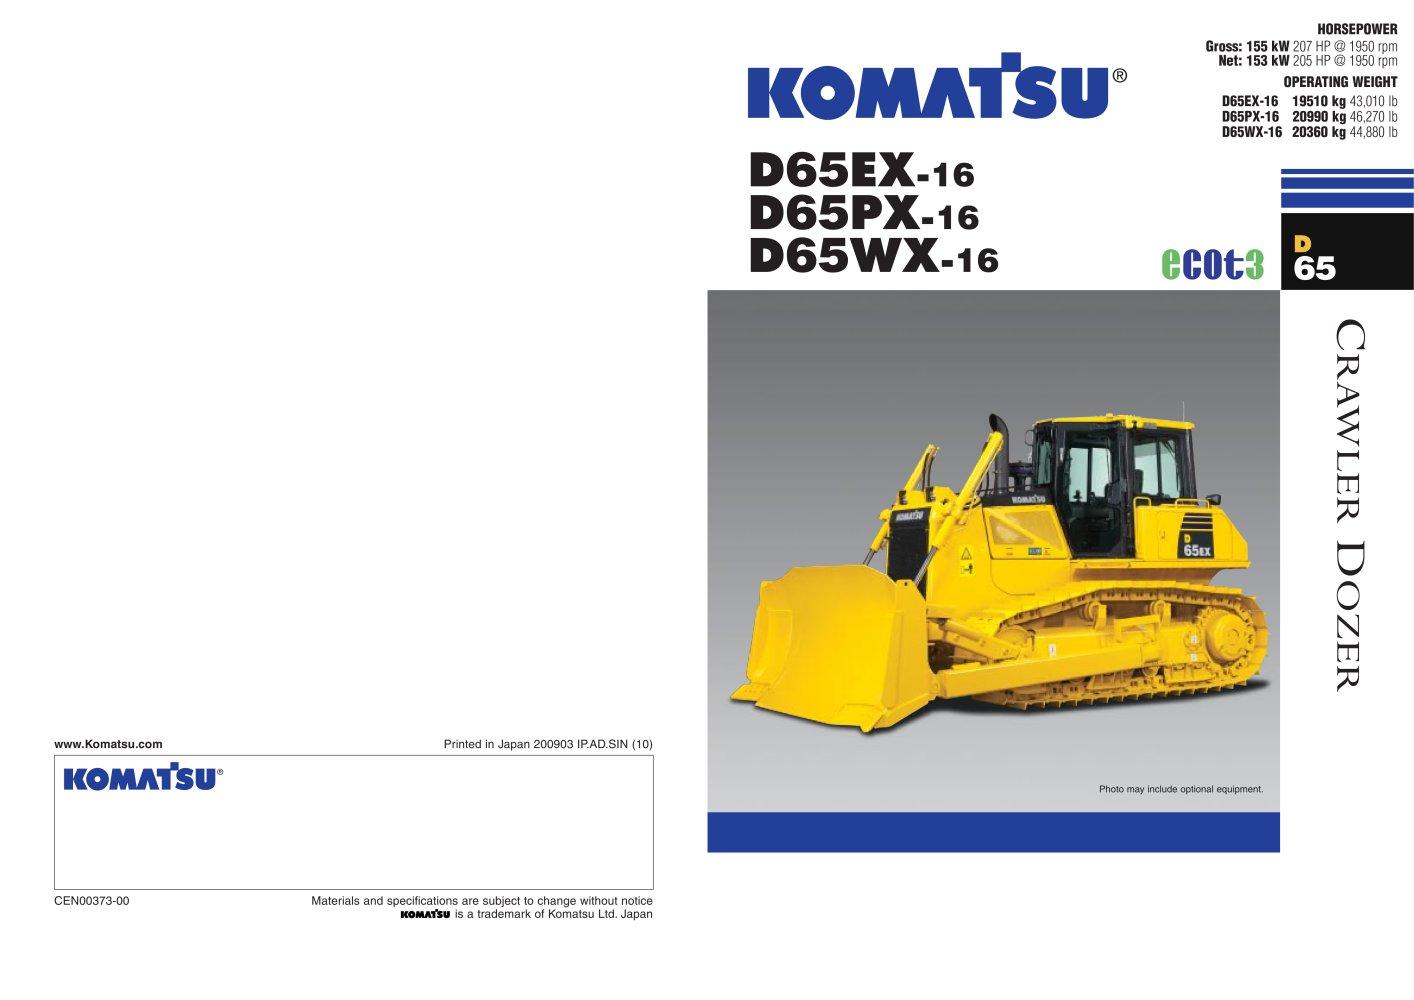 D65EX -16 D65PX -16 D65WX -16 - 1 / 8 Pages